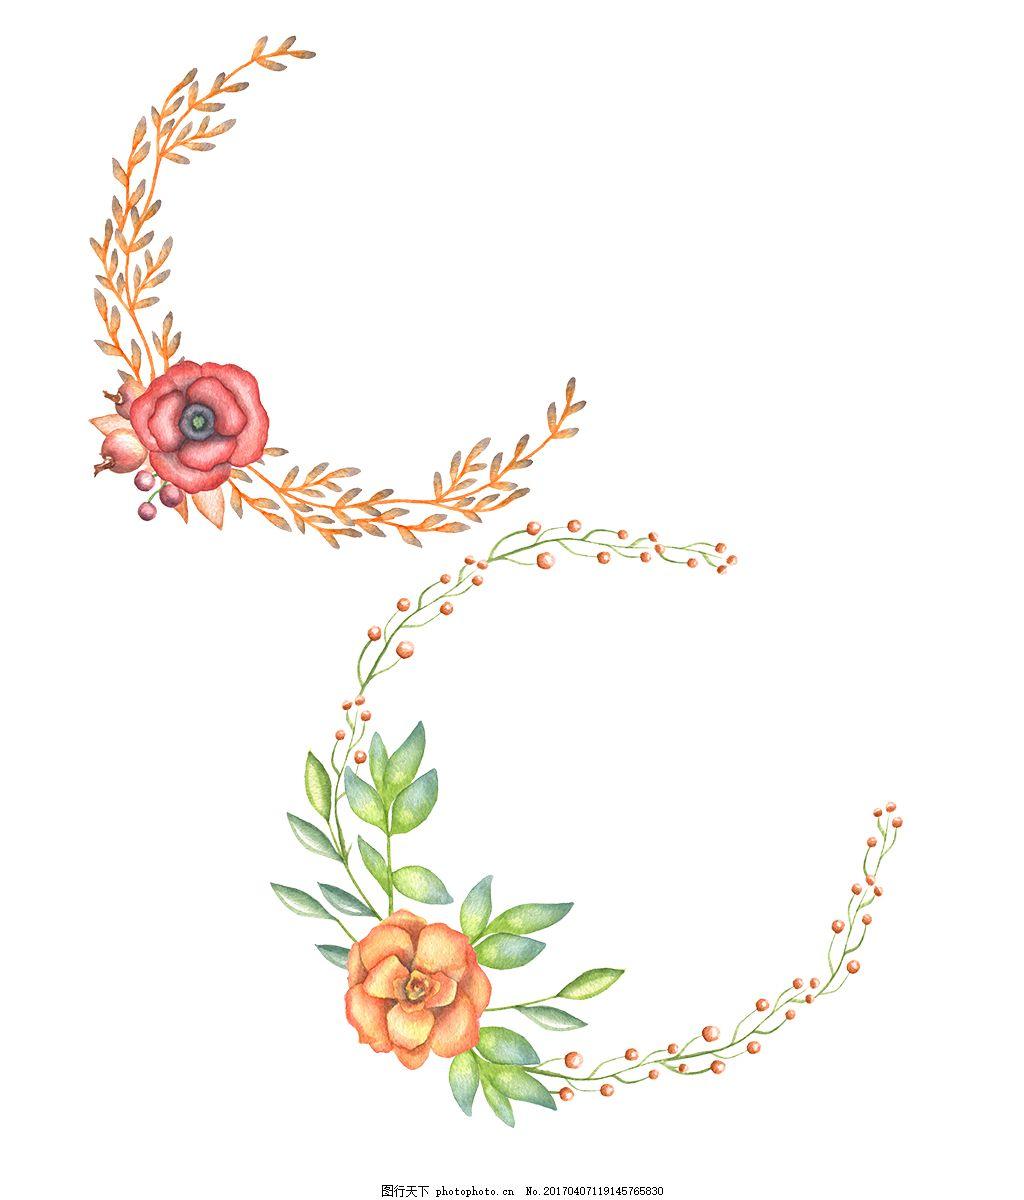 彩铅树枝的画法